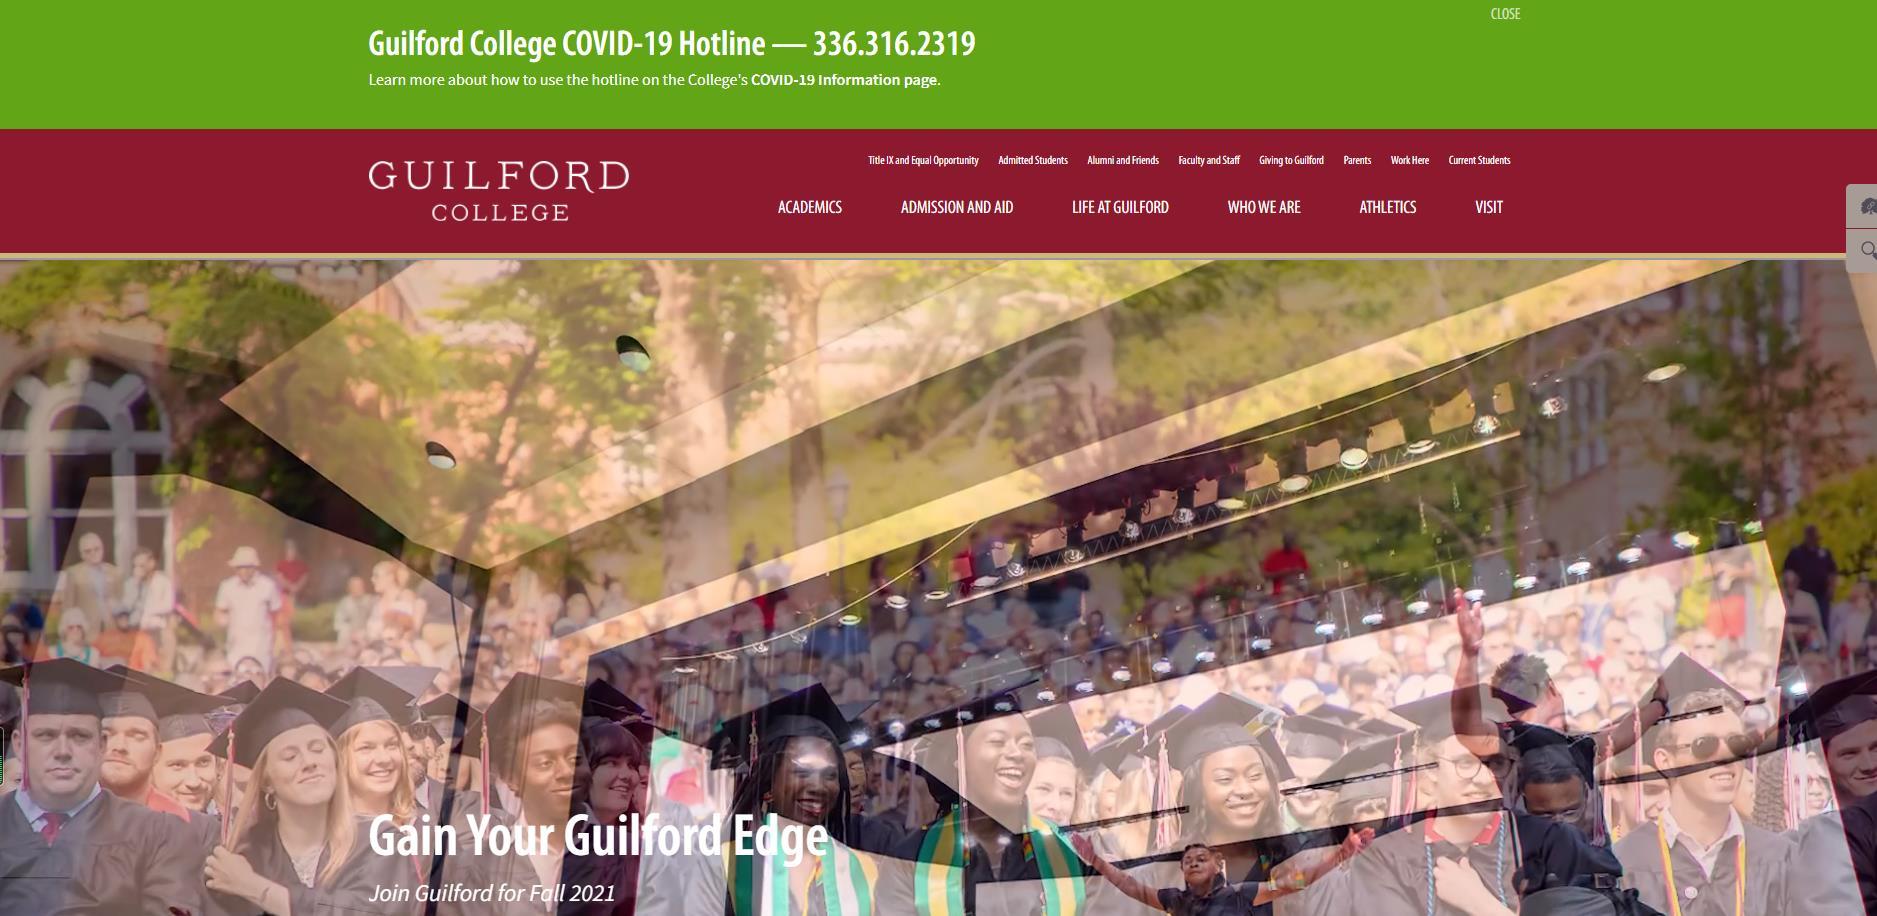 吉尔佛大学官网 美国私立大学 Guilford College